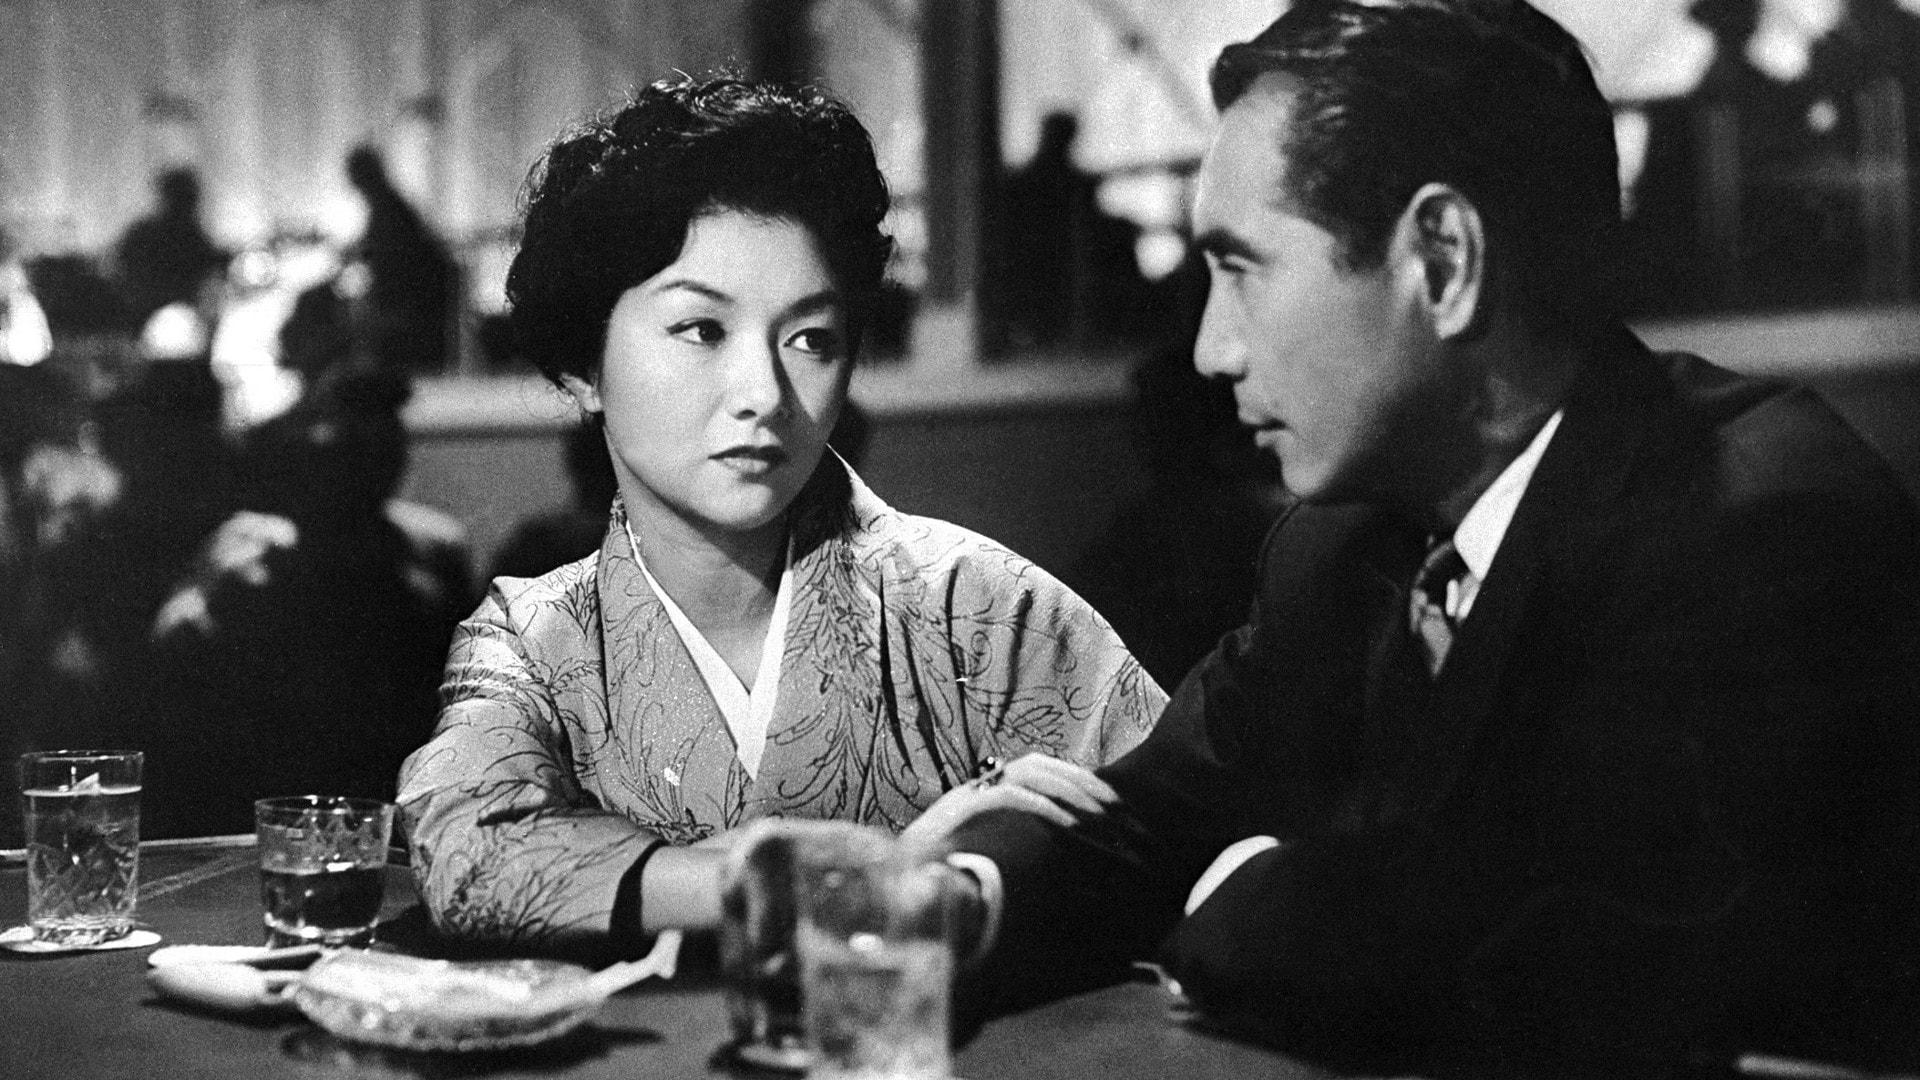 Hideko Takamine et Masayuki Mori parlent dans un bar dans